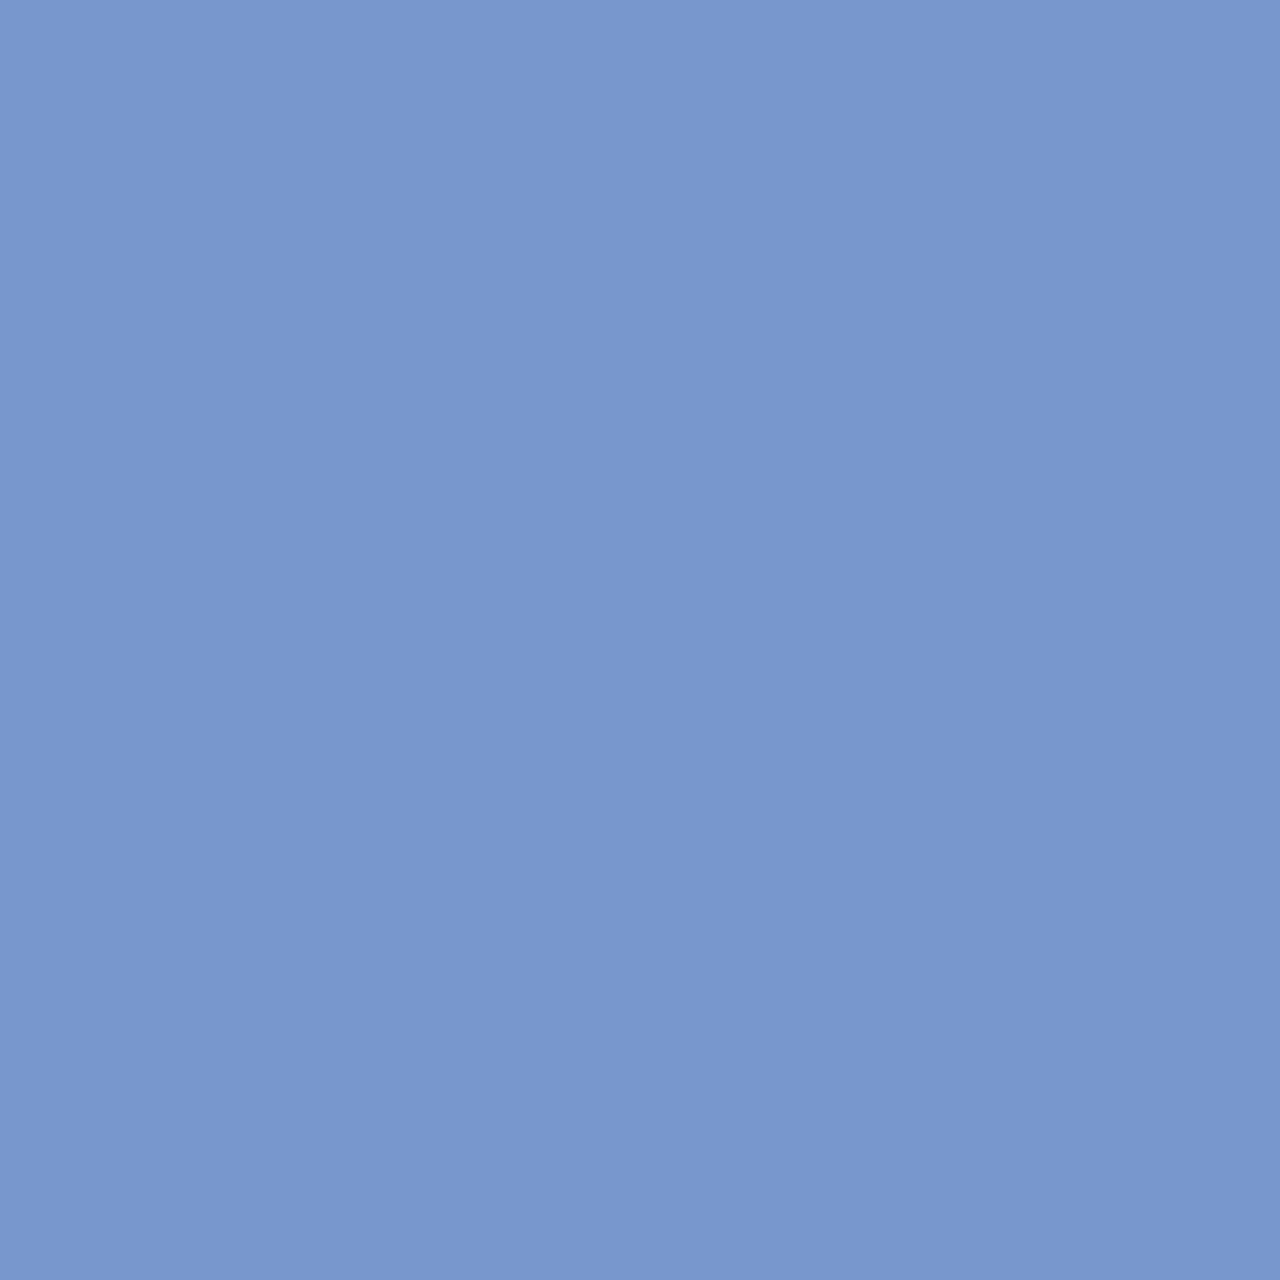 Rosco Cinegel Sheet Sheet #3202: Full Blue (CTB), Gels